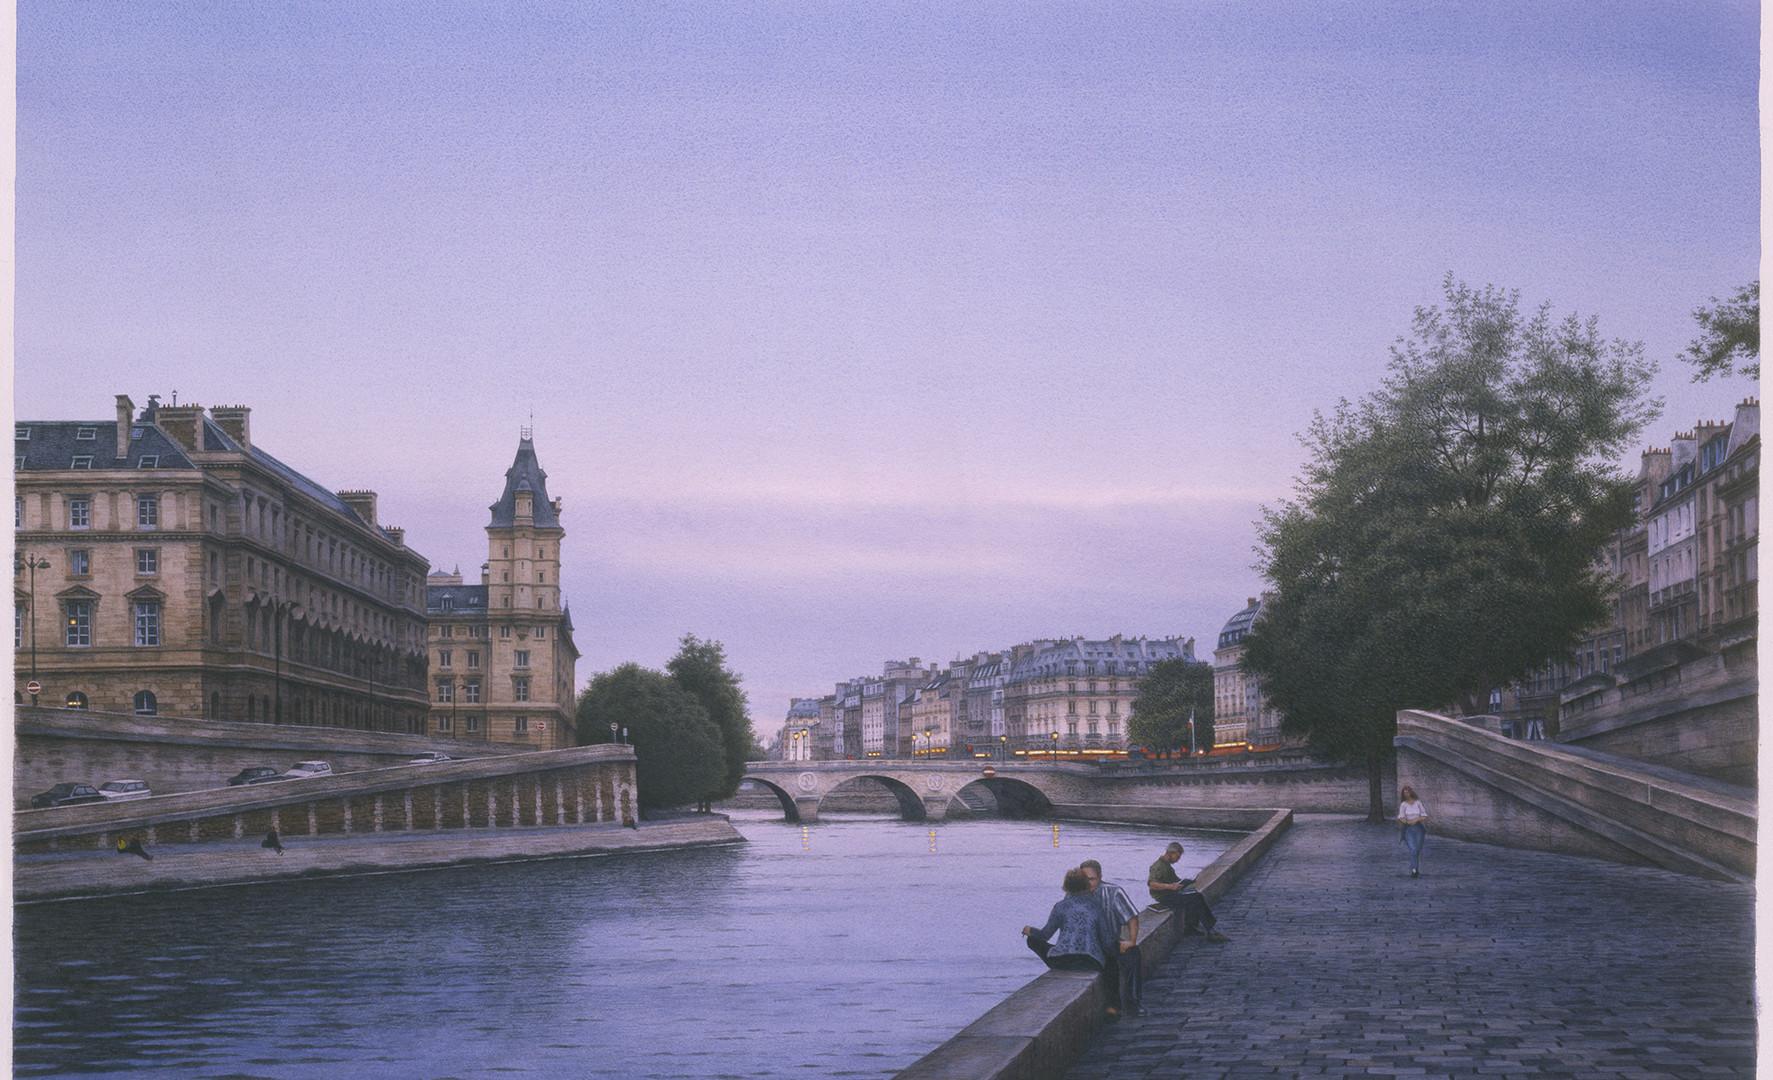 Quai des Grands Augustins, 1999